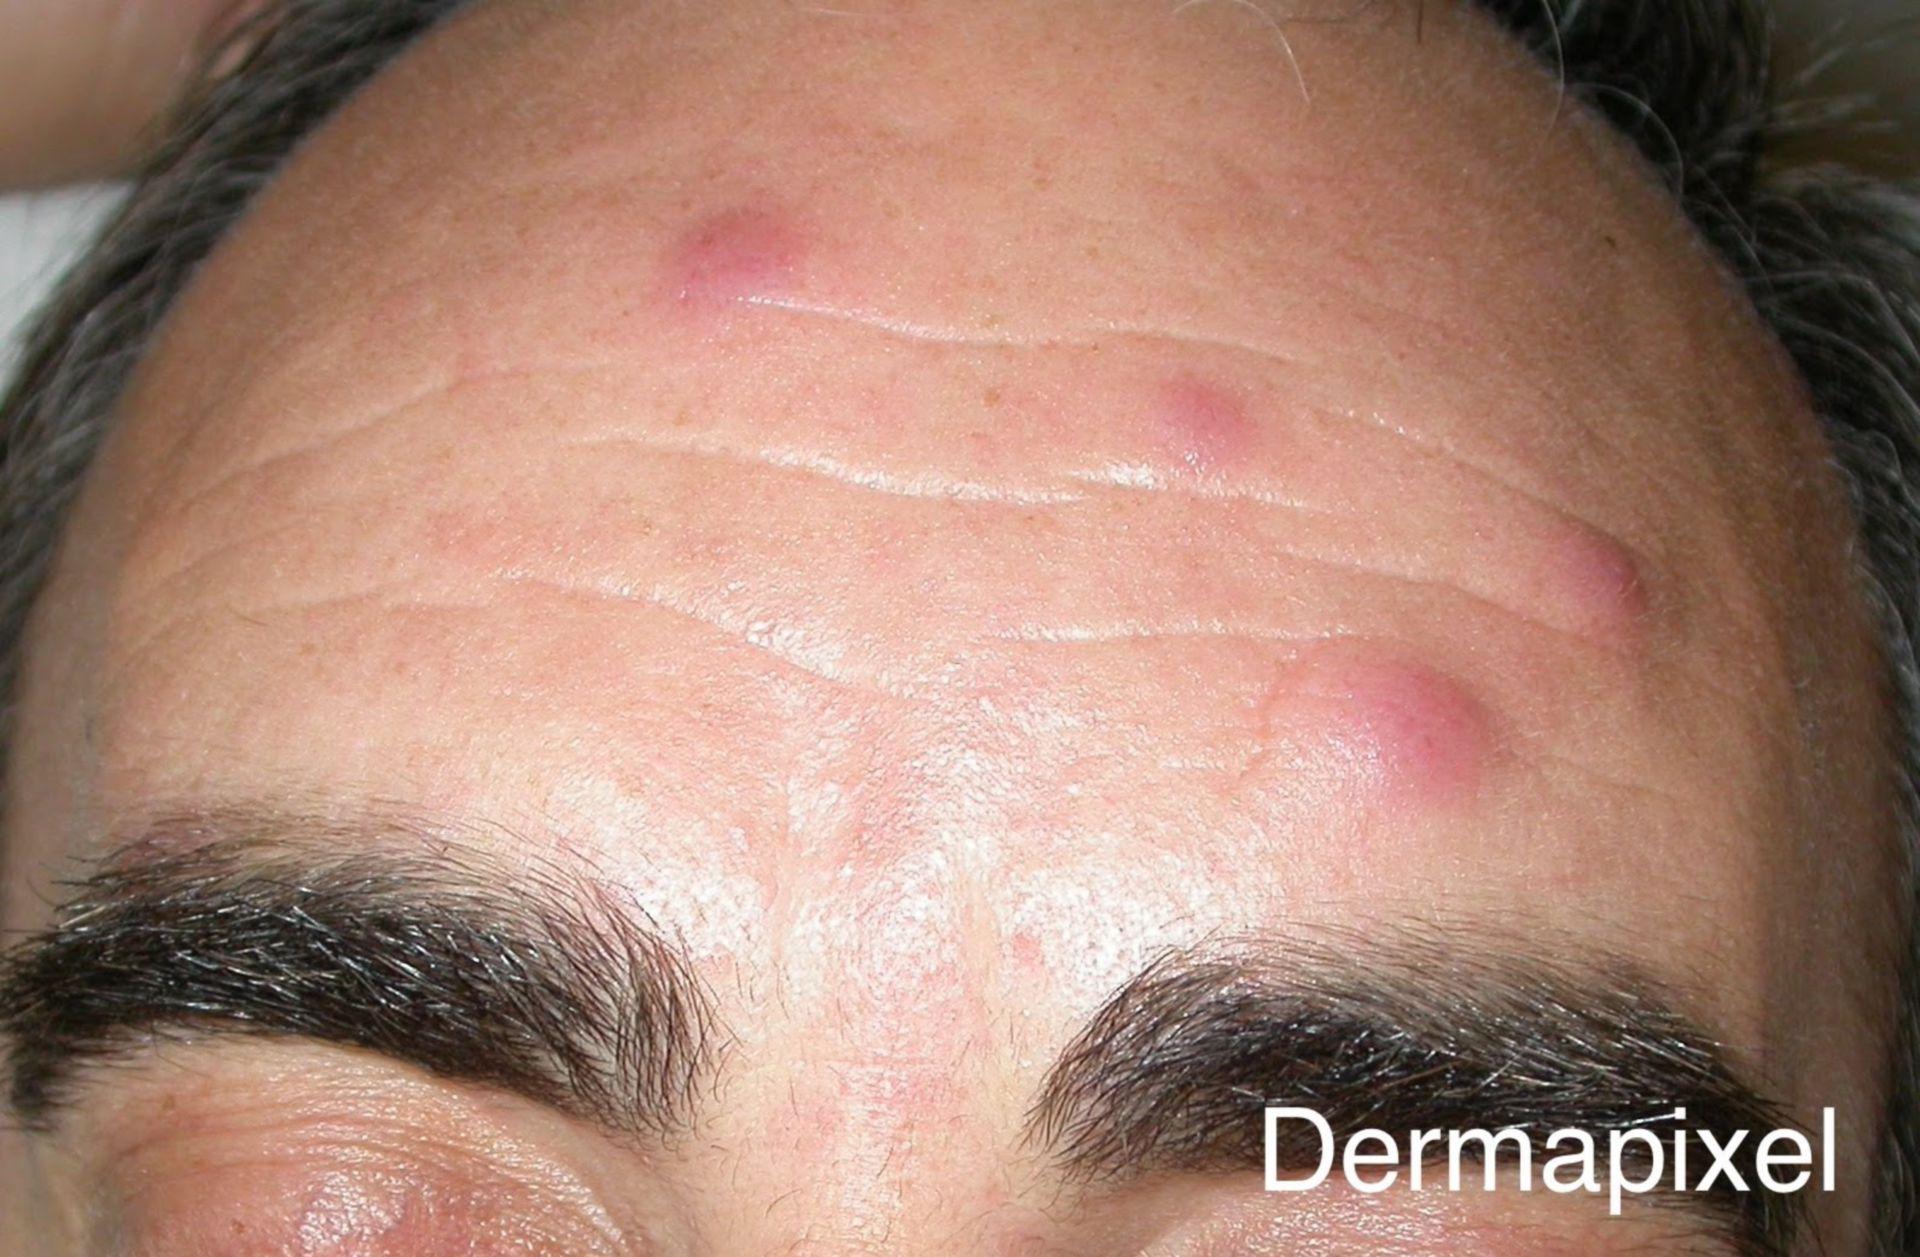 Multiple erhabene Maculae auf der Stirn eines Patienten